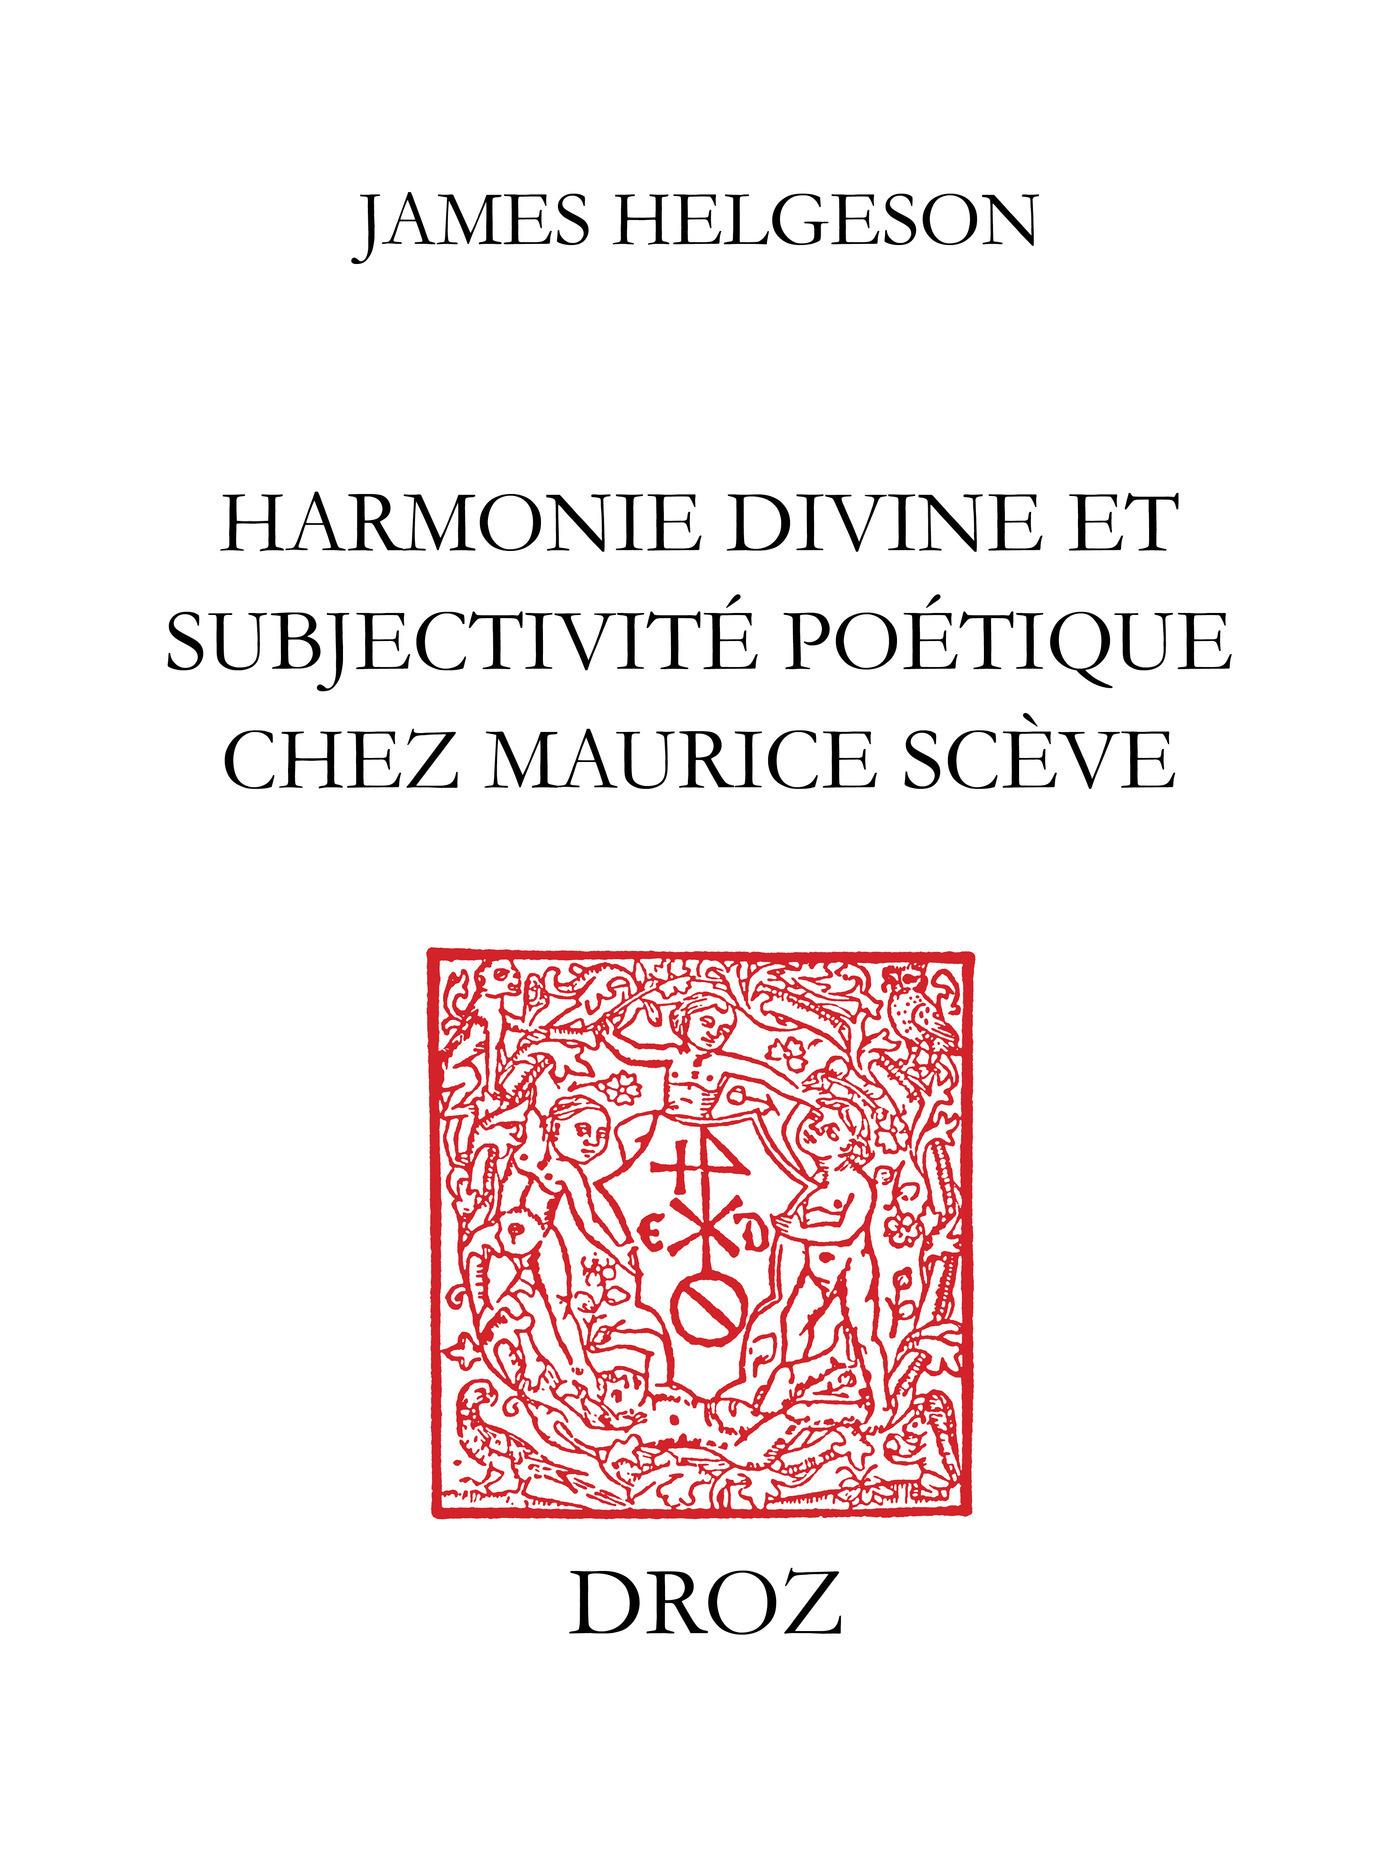 Harmonie divine et subjectivité poétique chez Maurice Scève  - James Helgeson